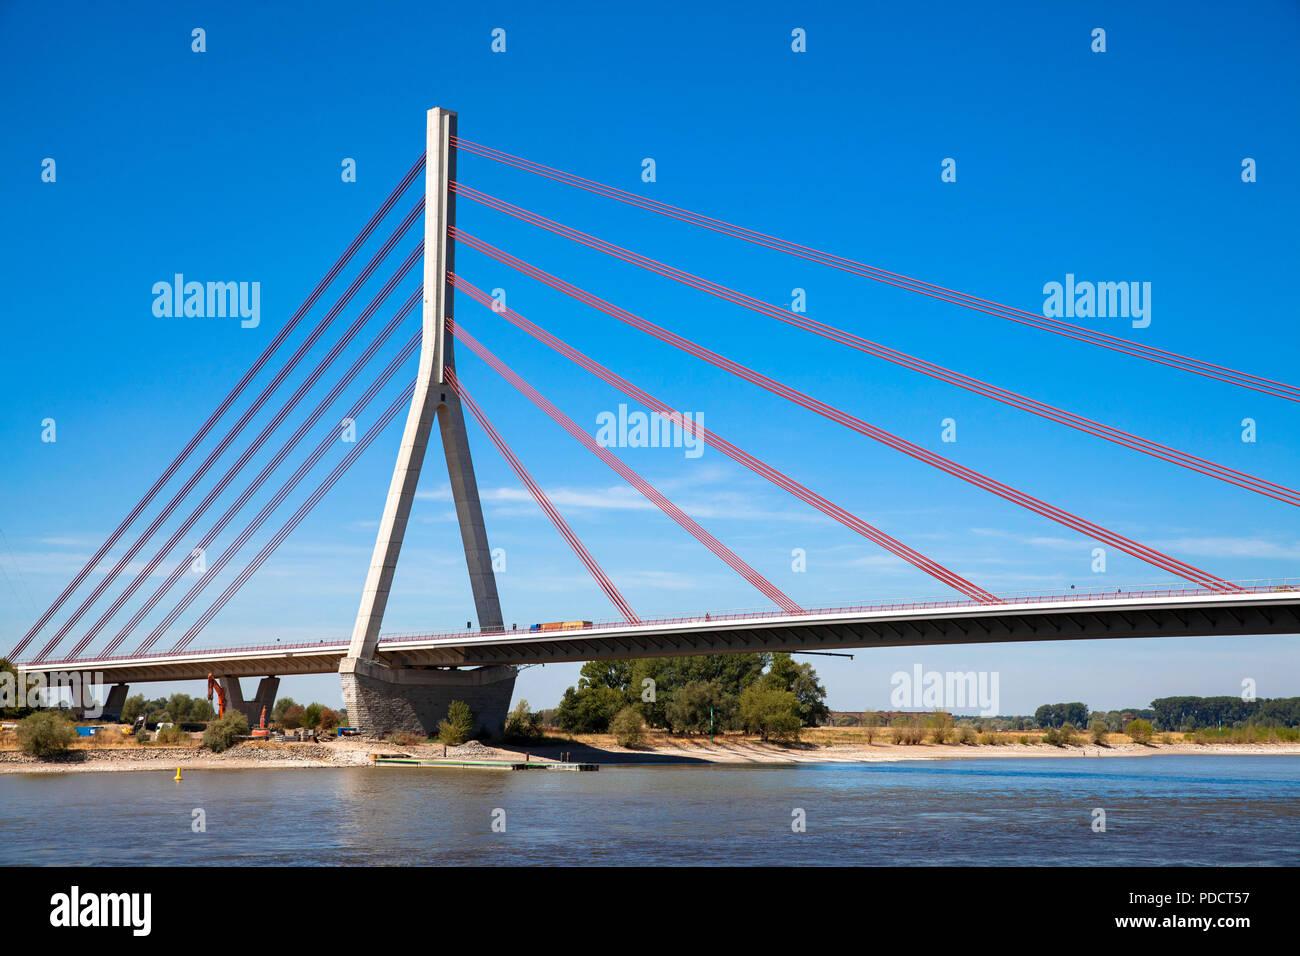 the Niederrhein bridge across the river Rhine, Wesel, Germany.  die Niederrheinbruecke ueber den Rhein, Wesel, Deutschland. Stock Photo